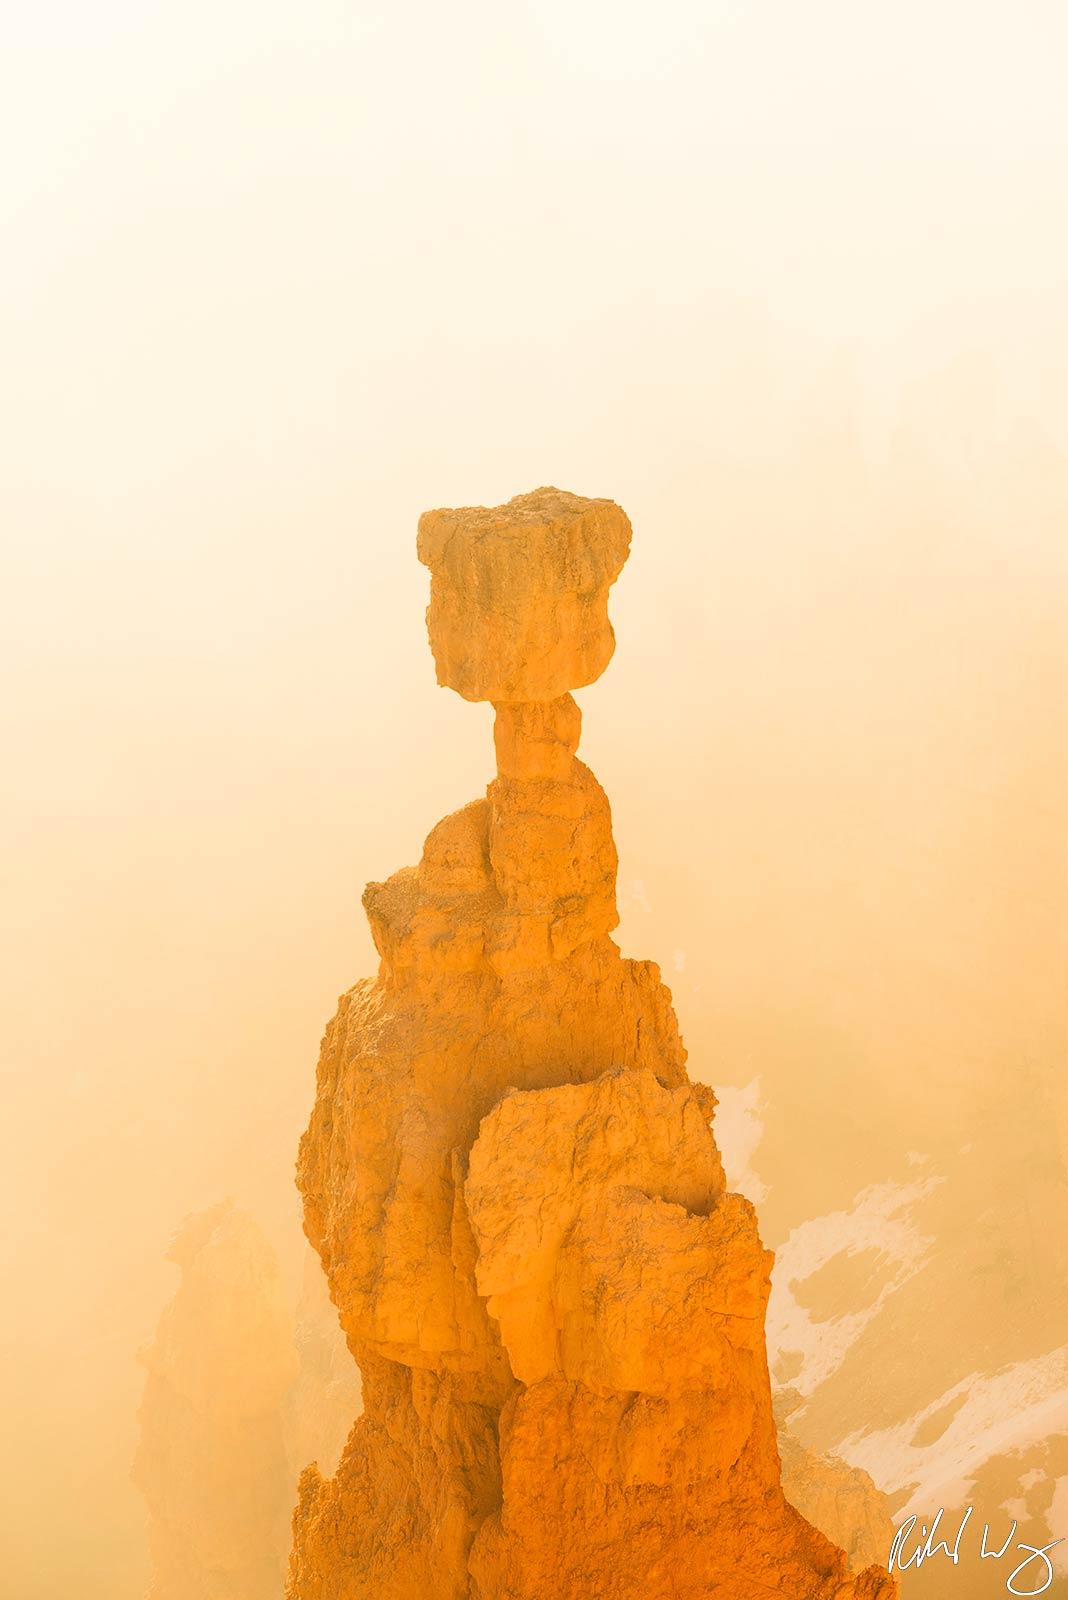 Thor's Hammer Rising Through Sunrise Fog, Bryce Canyon National Park, Utah